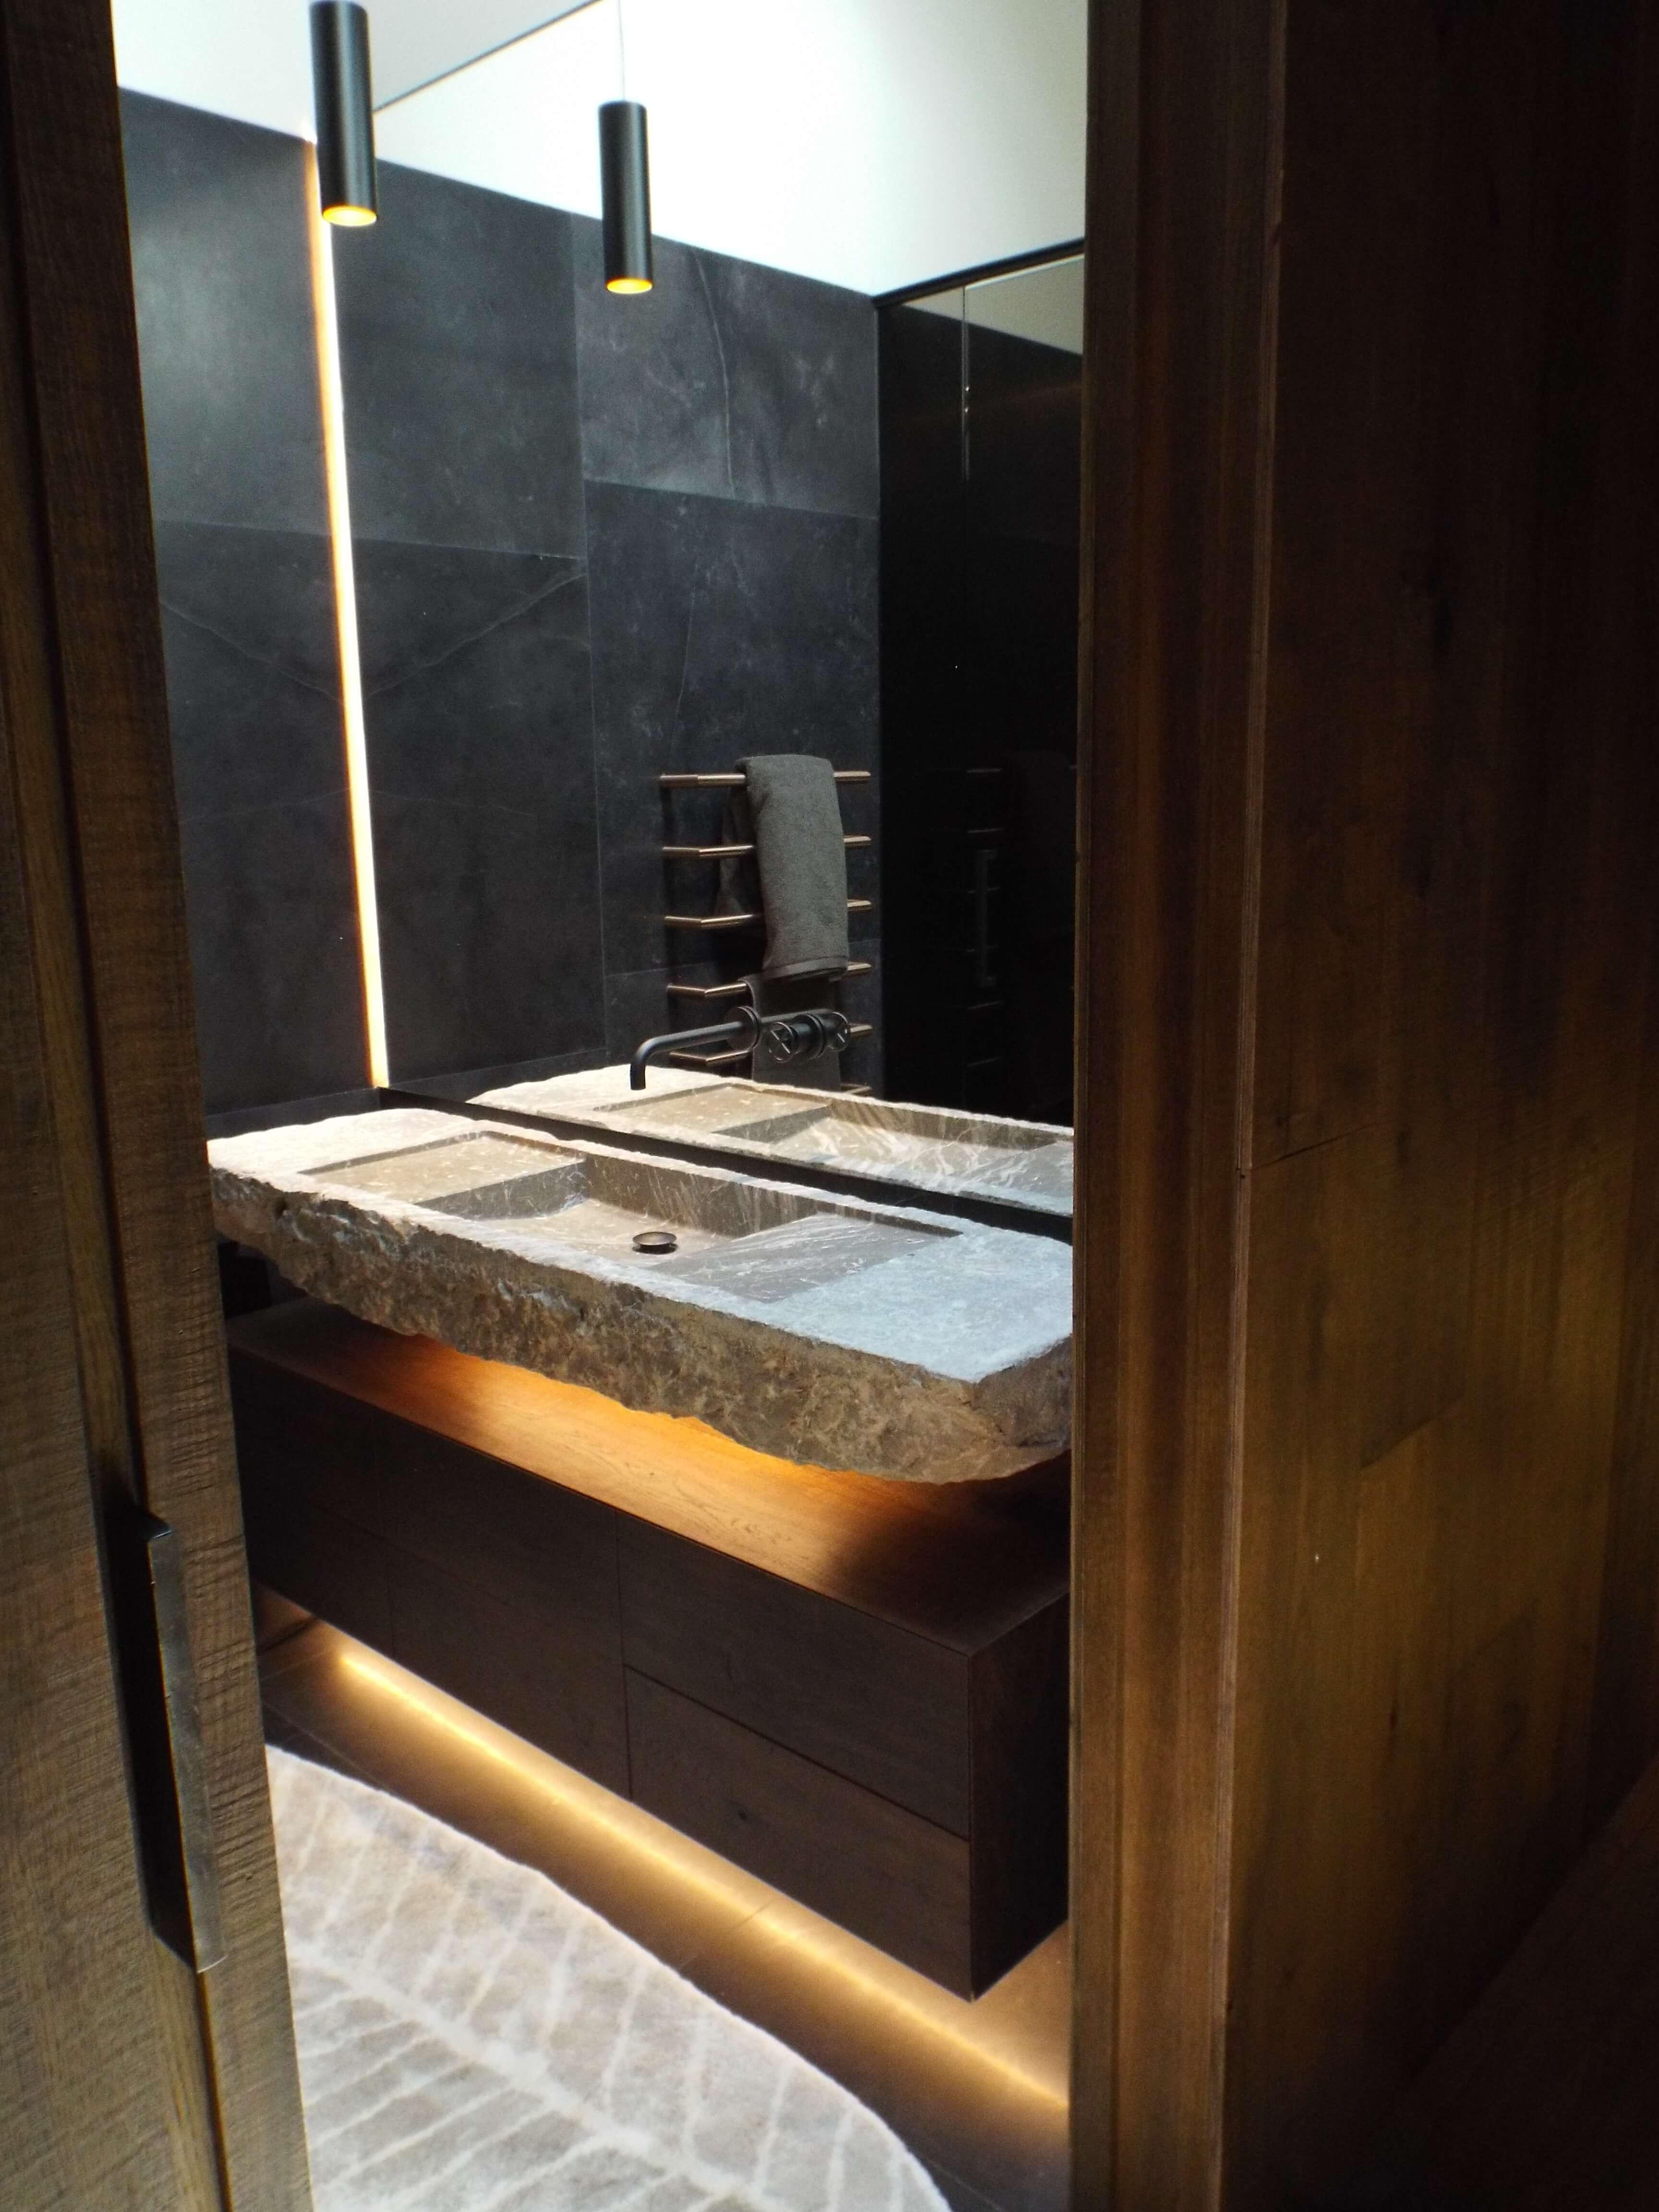 Iluminacion cuarto de baño casa rubielos de mora teruel - Inel